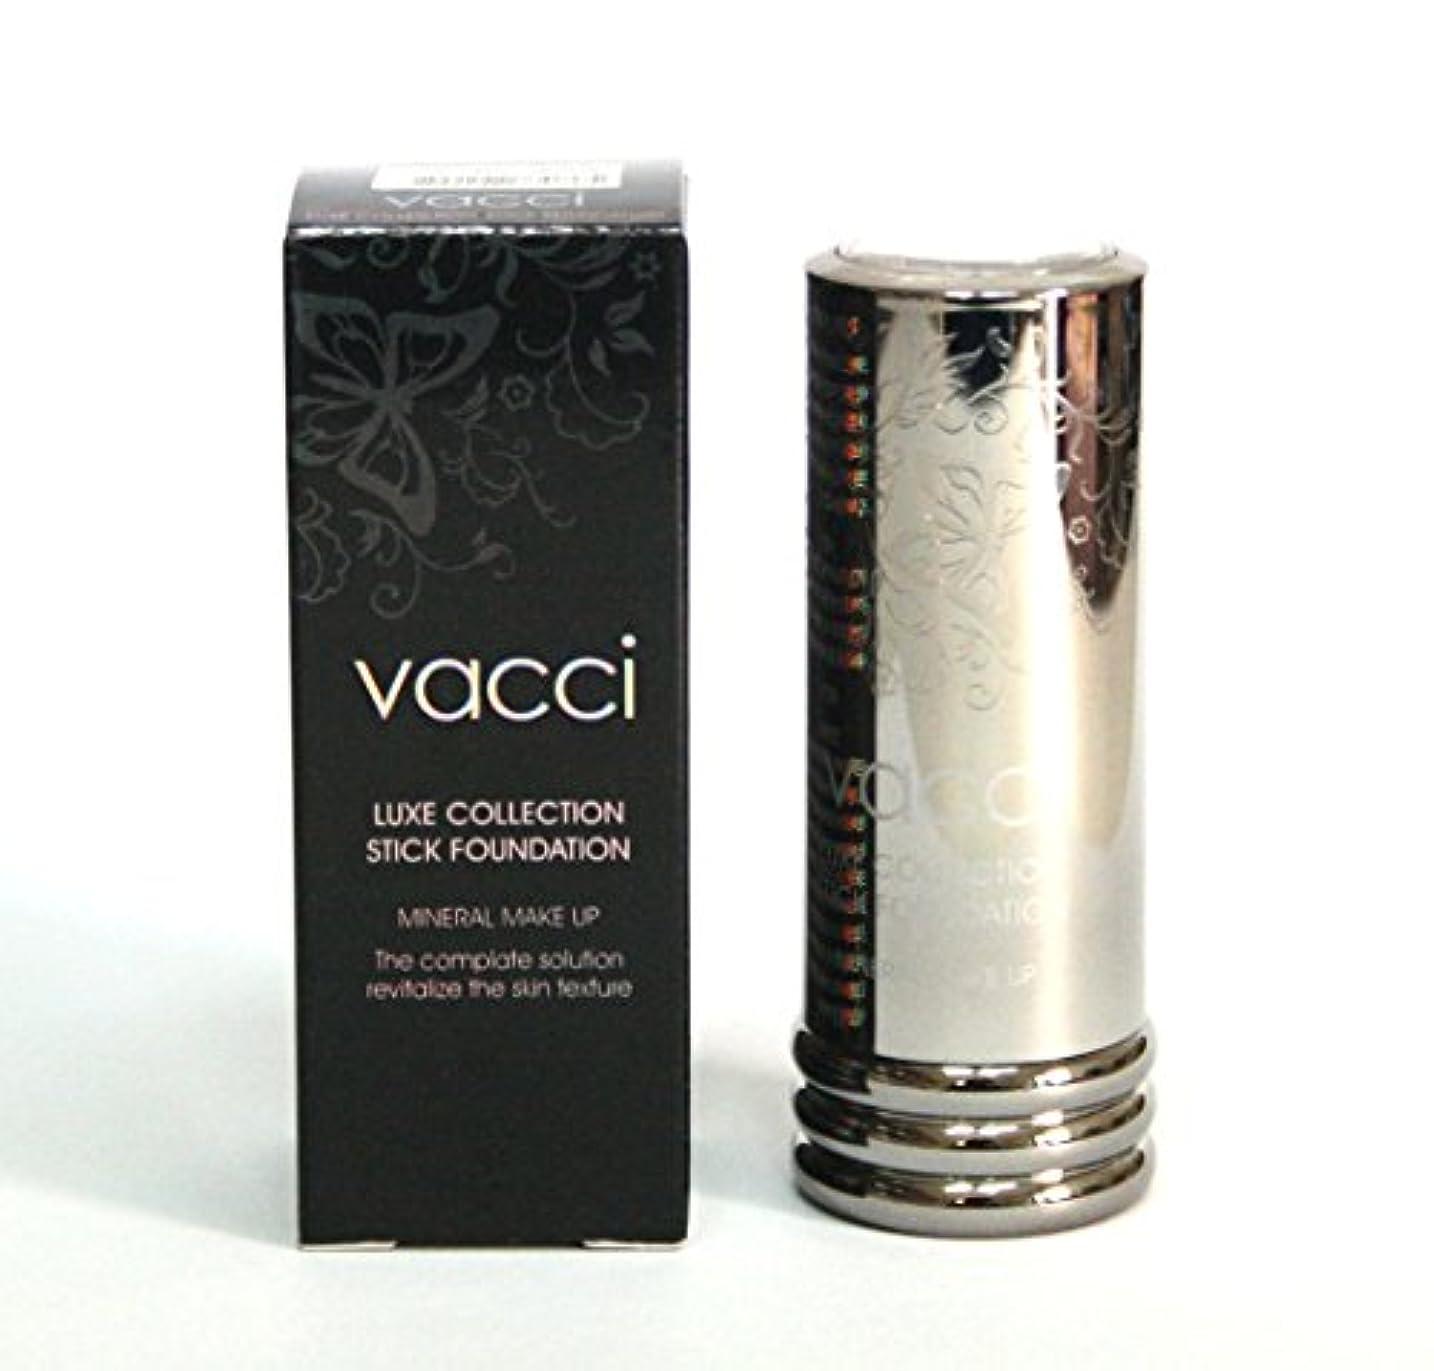 再編成するずんぐりした励起[VACCI] スティックファンデーション13g / LUXE COLLECTION Stick Foundation 13g / に皮脂コントロール / sebum control / #33ダークベージュ / #33...